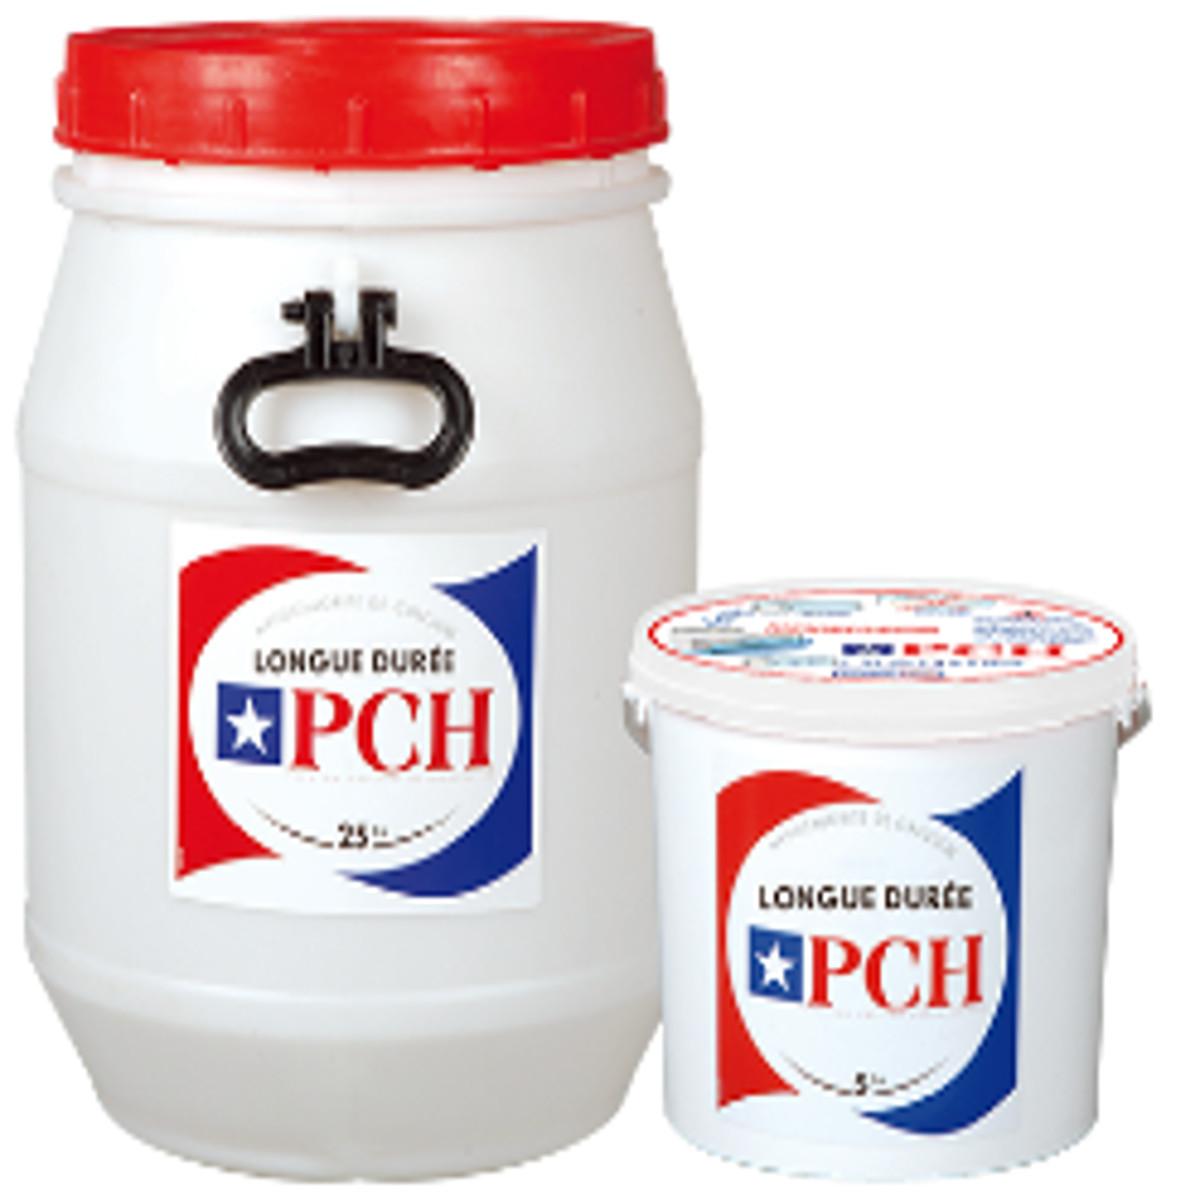 PCH longue durée 300g 10,2 kg | OCEDIS